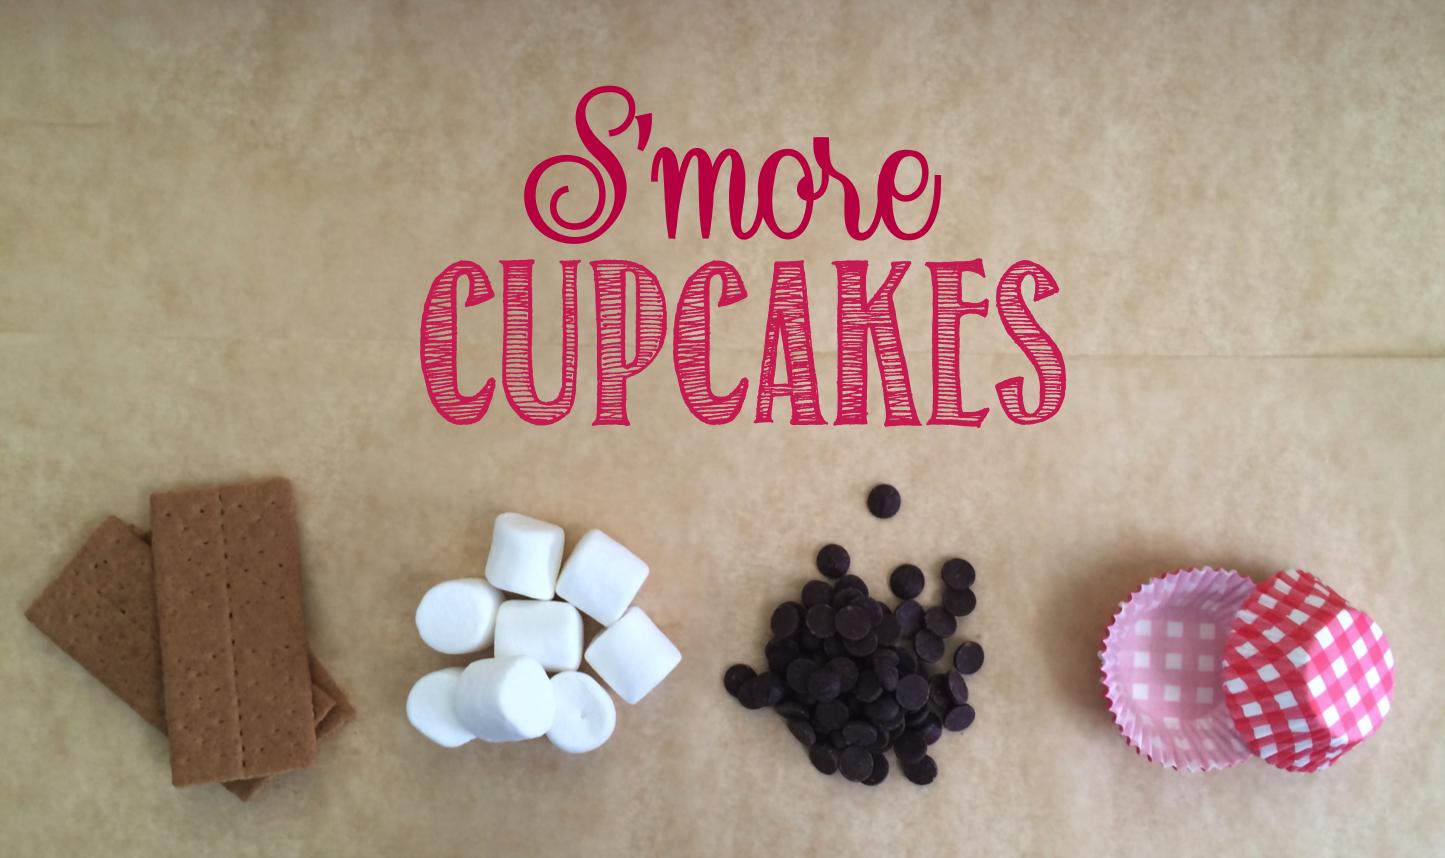 SmoreCupcakes